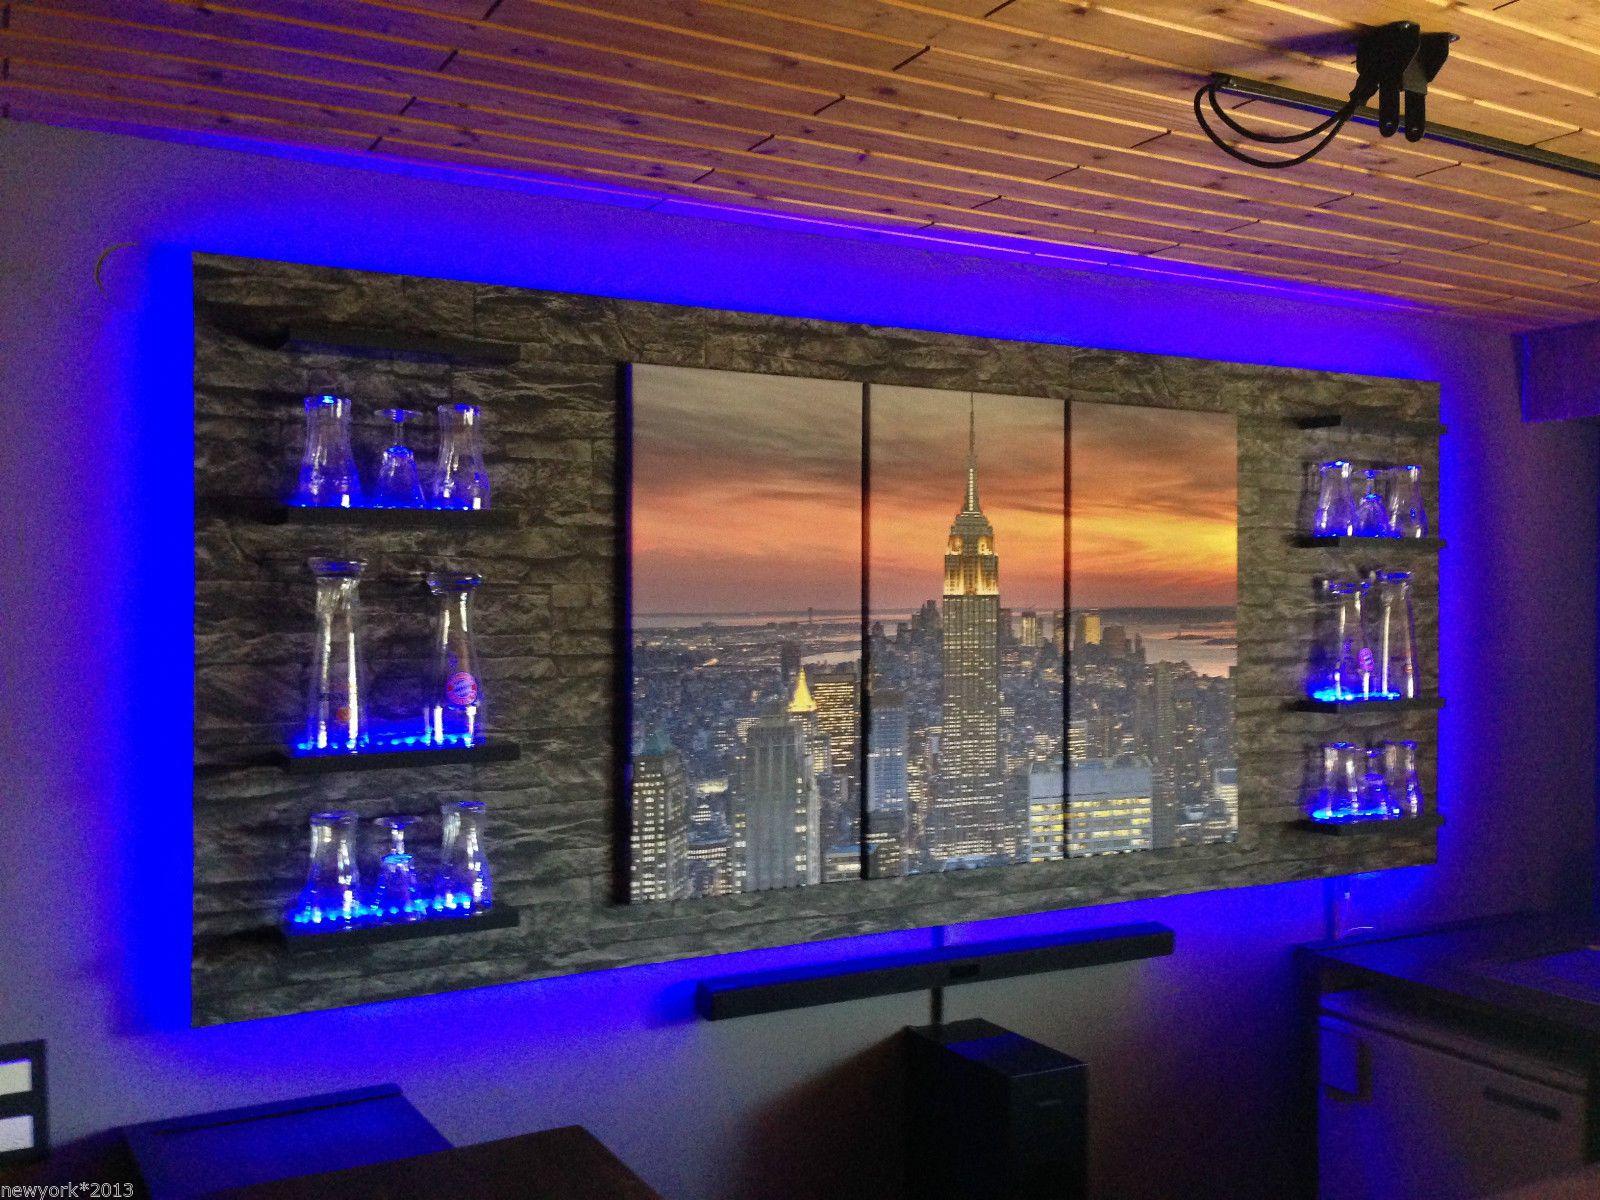 Wandboard Bar Lounge Theke Partyraum Led Beleuchtet Lange X Breite X Tiefe 240cm X 100cm X 5cm Es Besteht Aus Einer H Partyraum Bar Lounge Garage Bauen